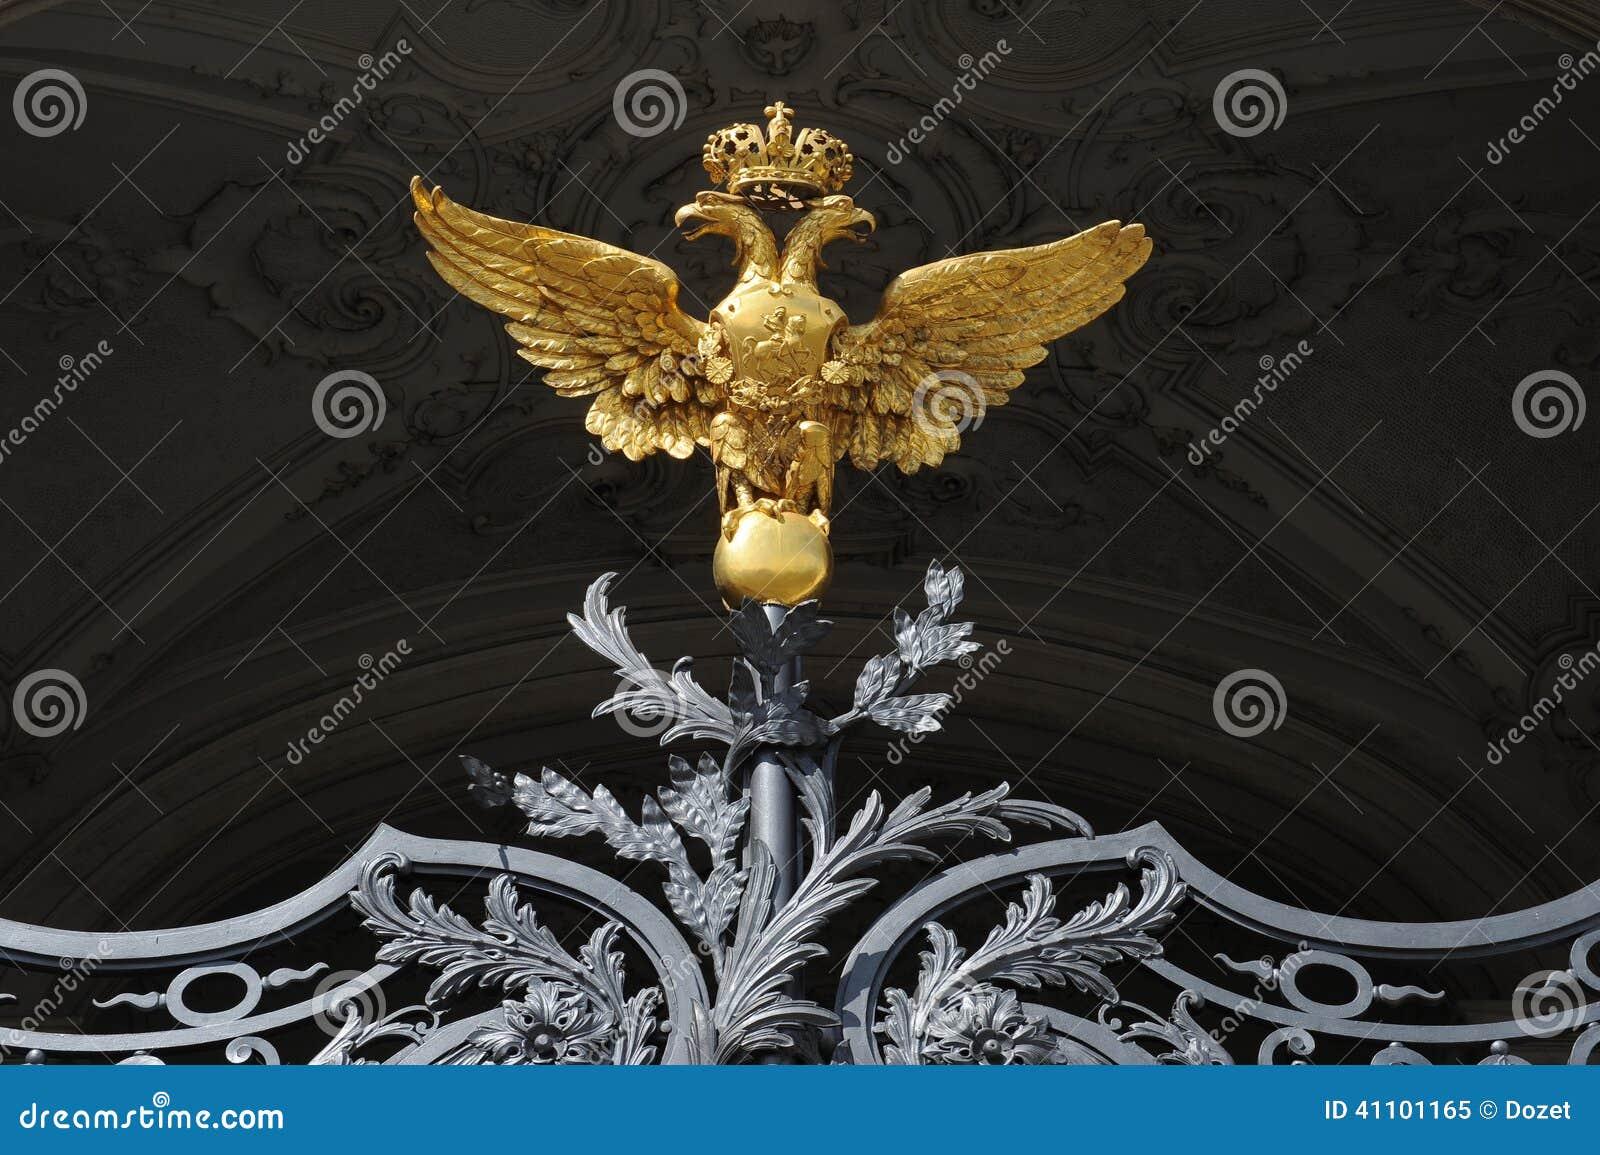 Russian empire symbol